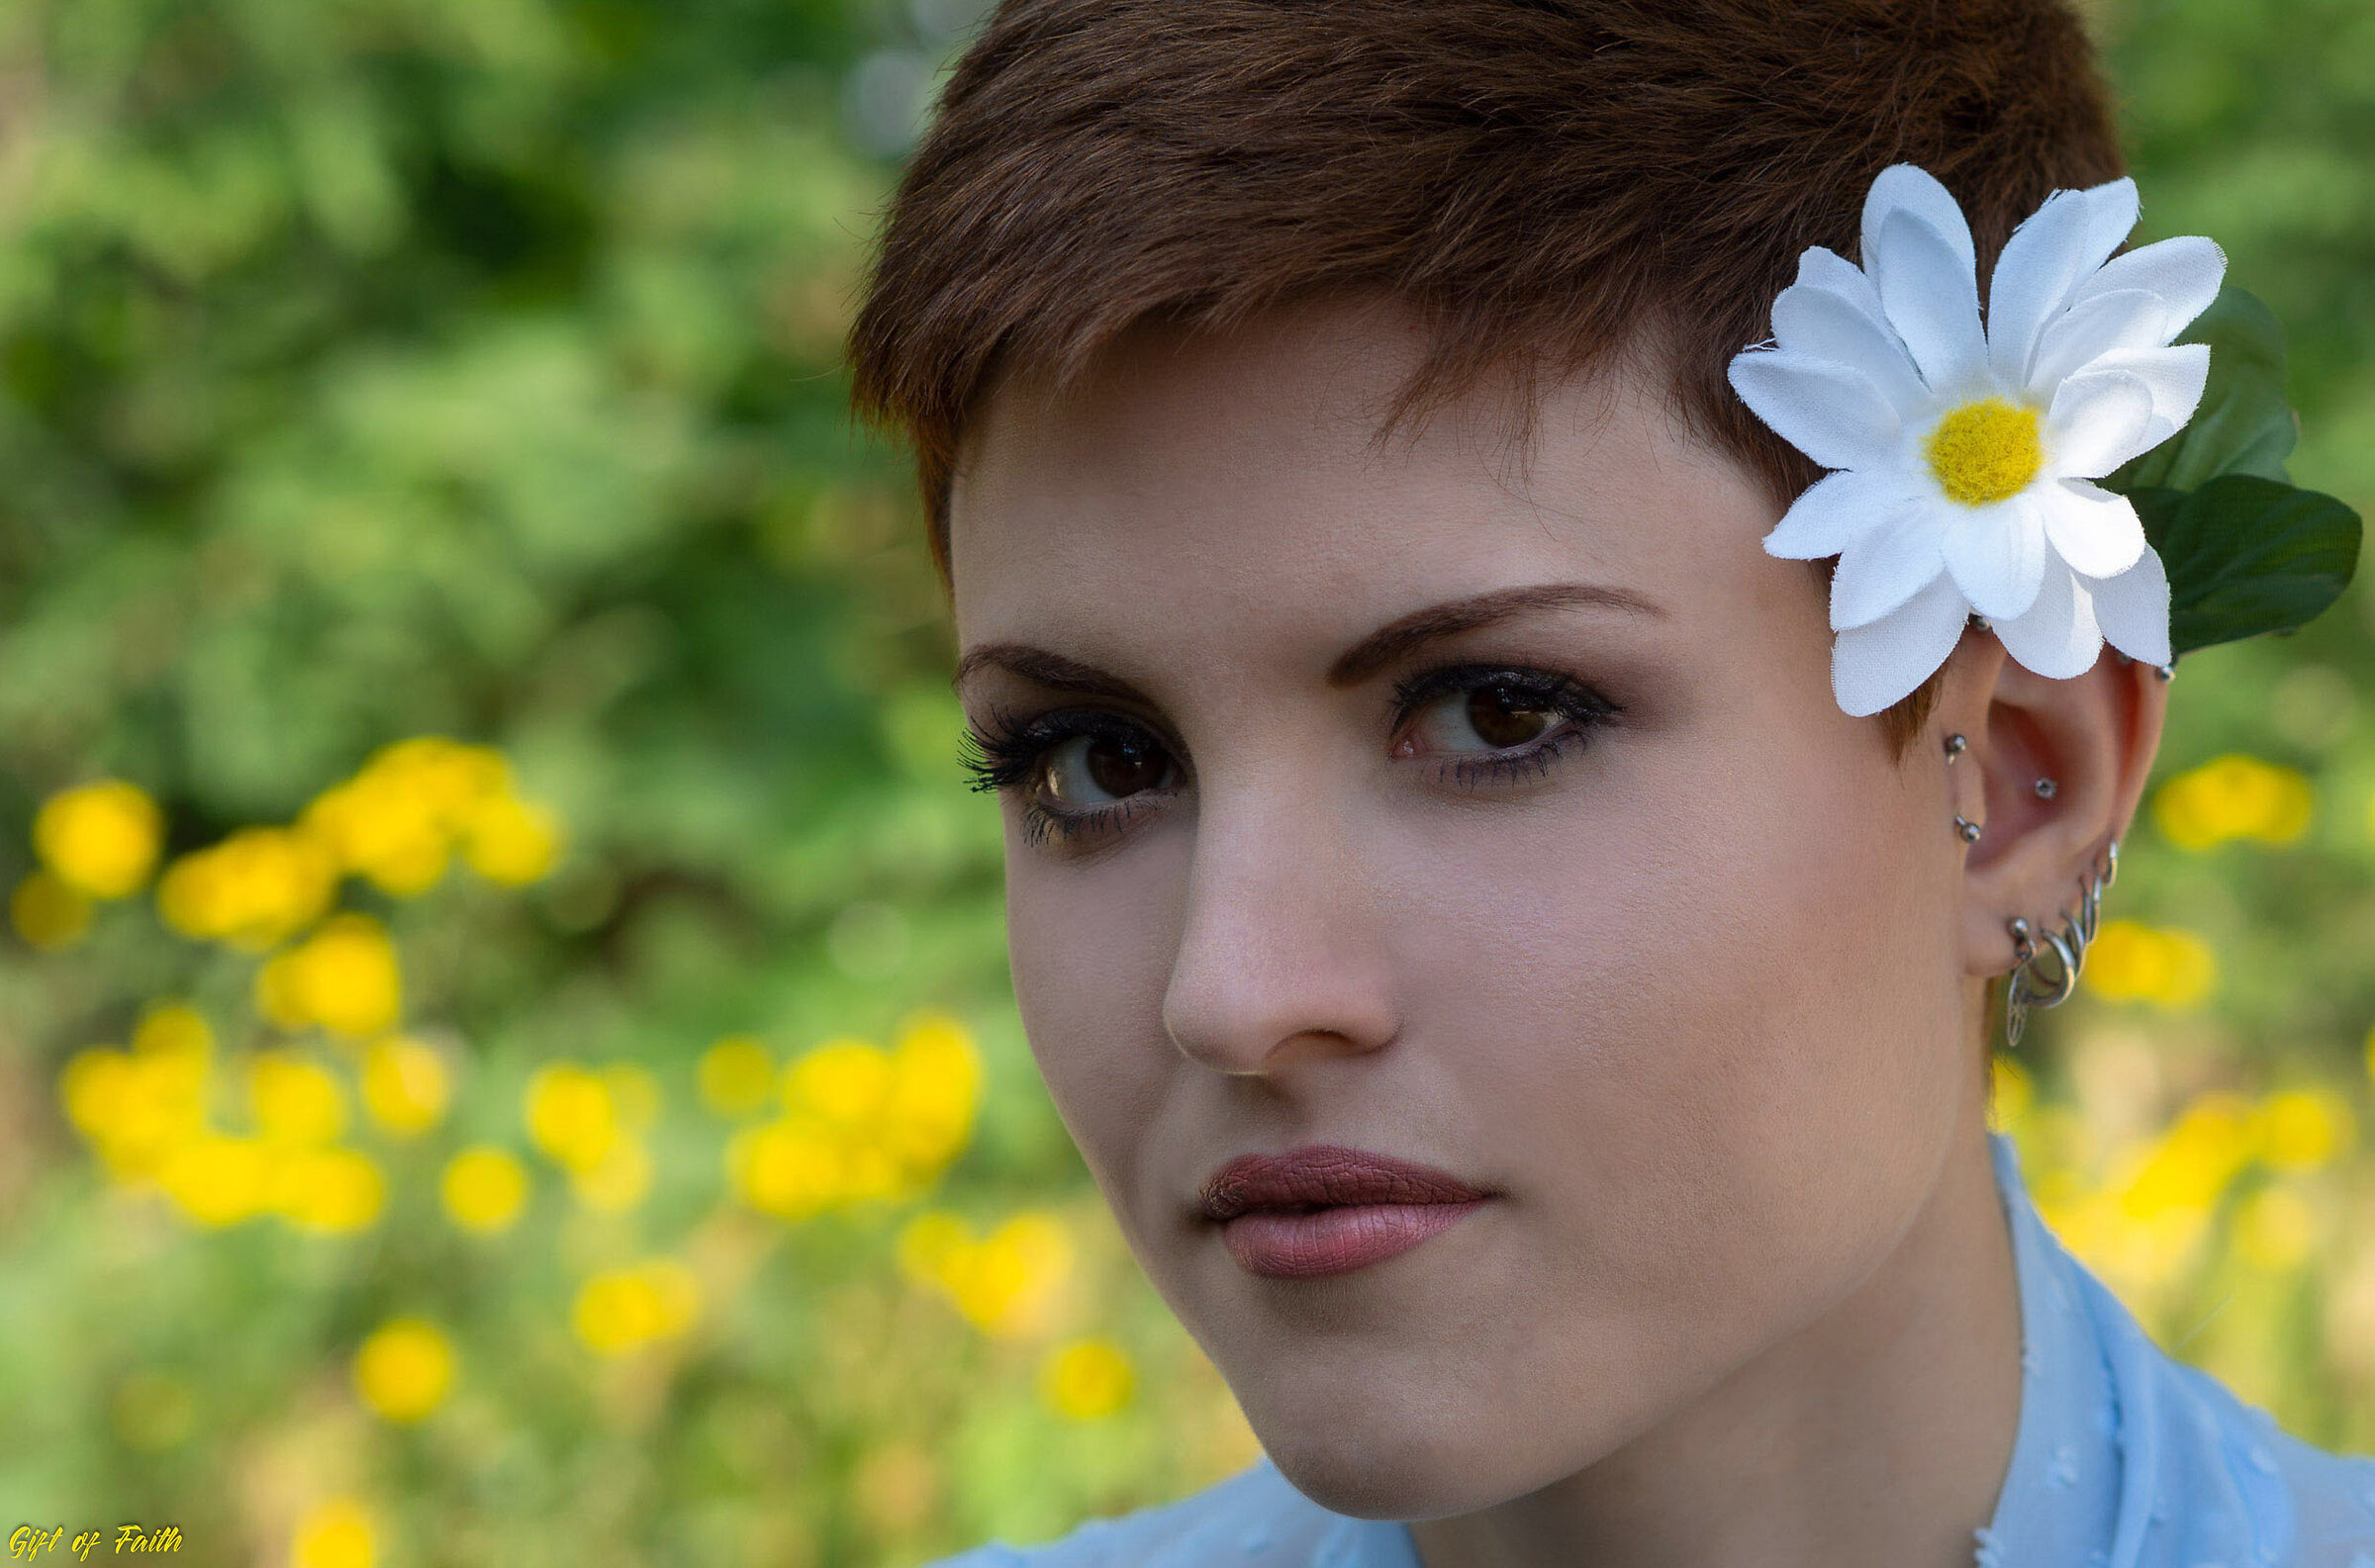 A Flower between flowers...